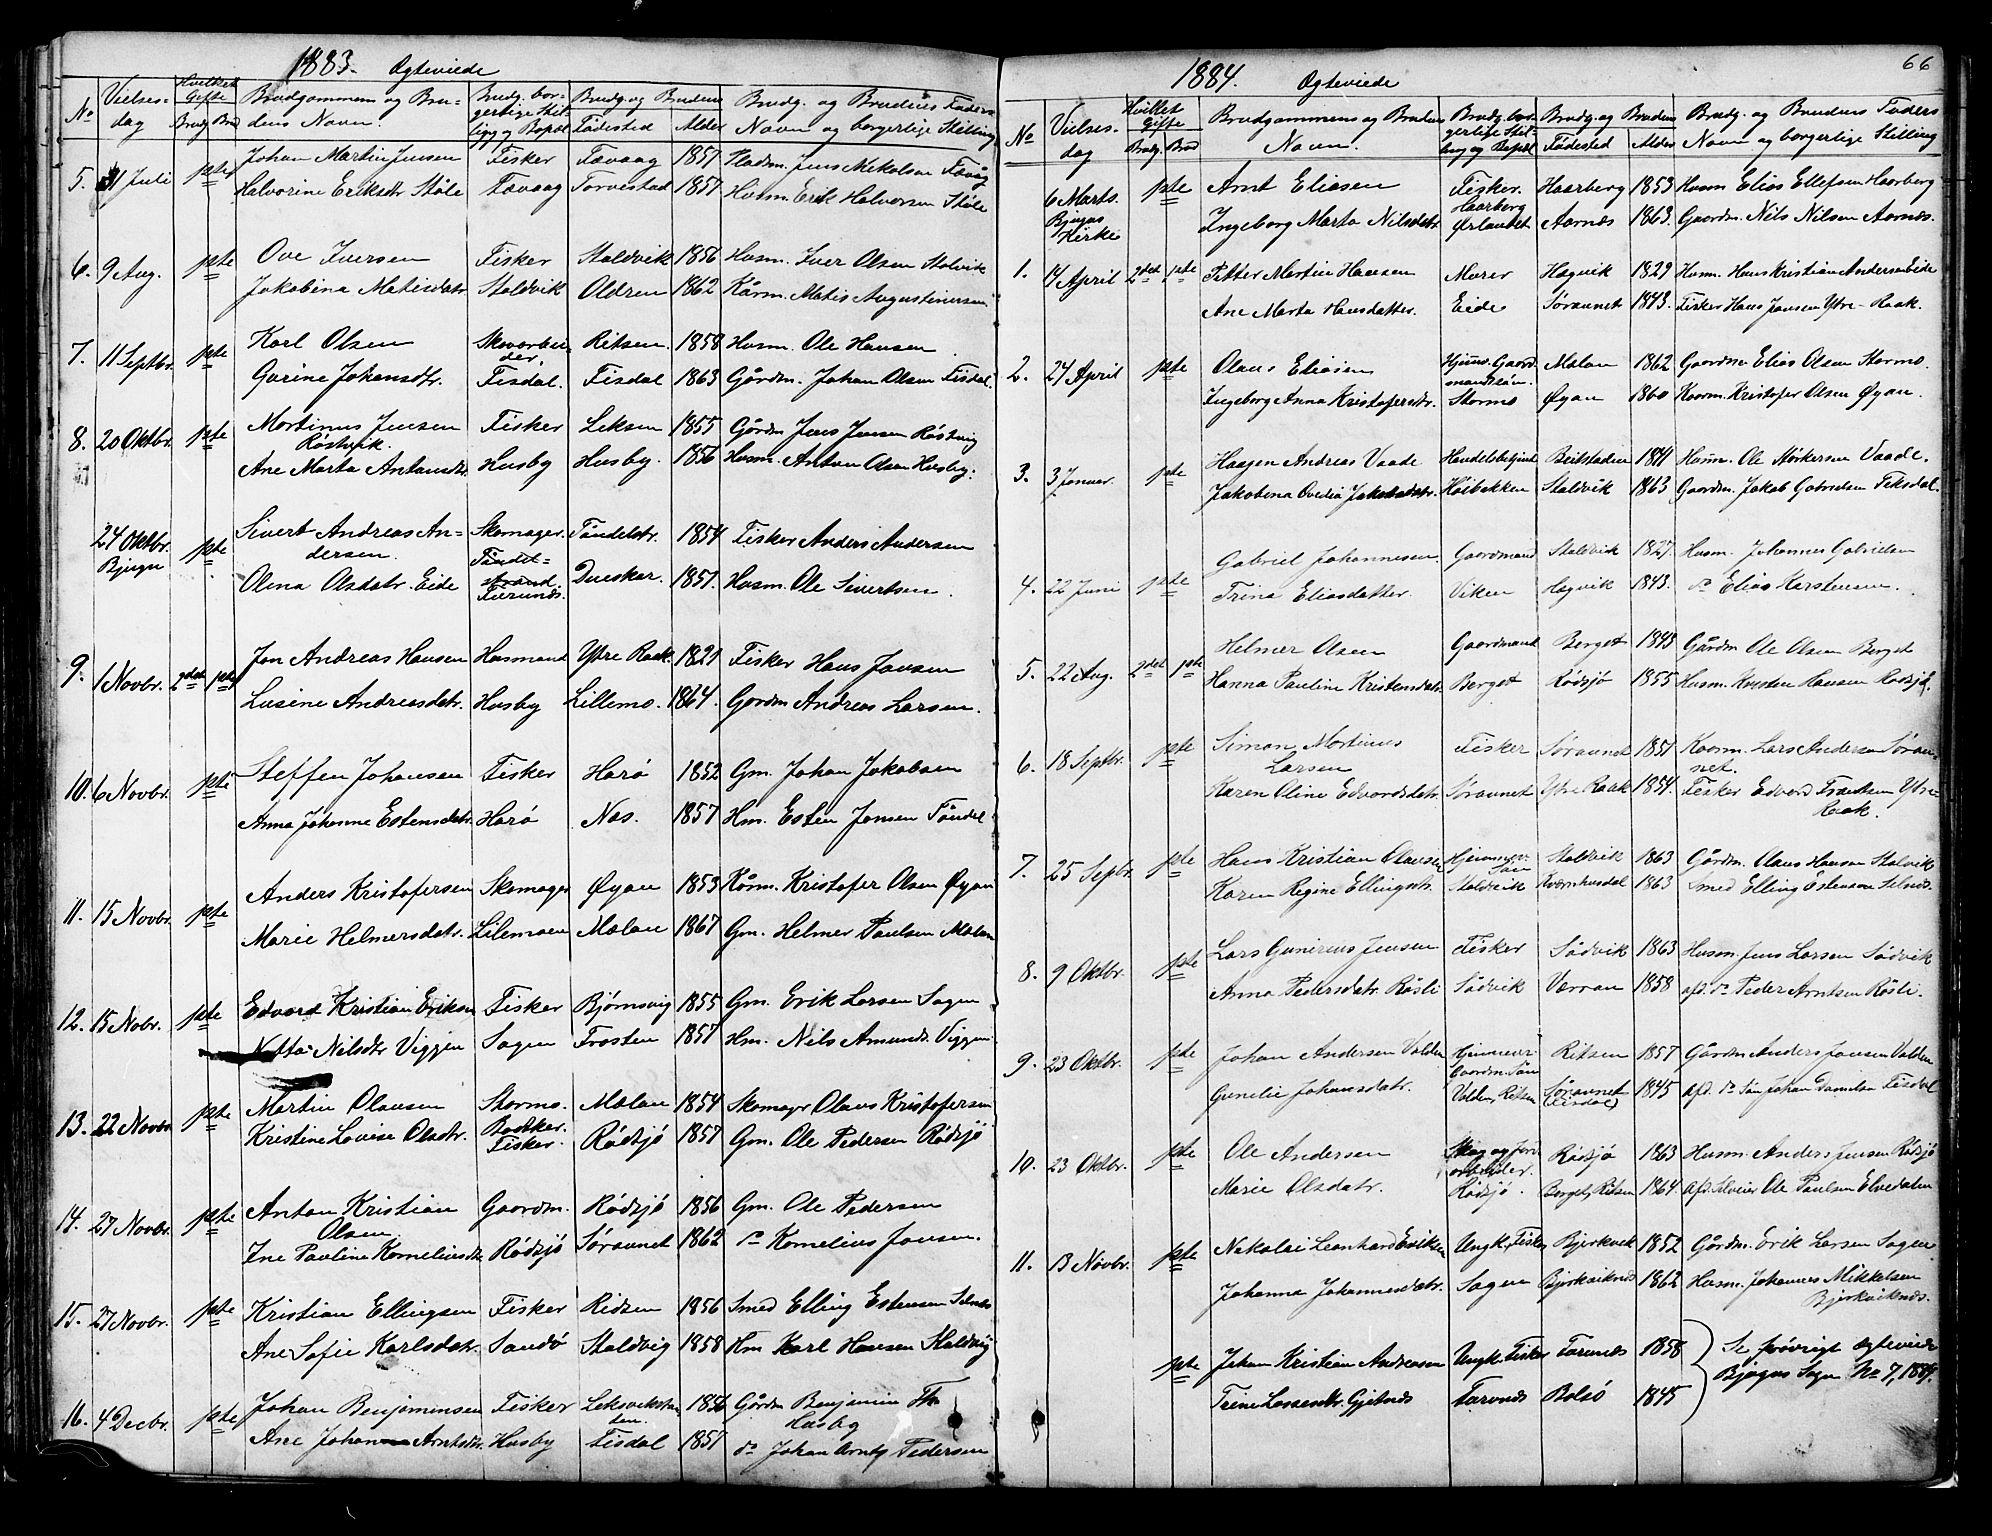 SAT, Ministerialprotokoller, klokkerbøker og fødselsregistre - Sør-Trøndelag, 653/L0657: Klokkerbok nr. 653C01, 1866-1893, s. 66